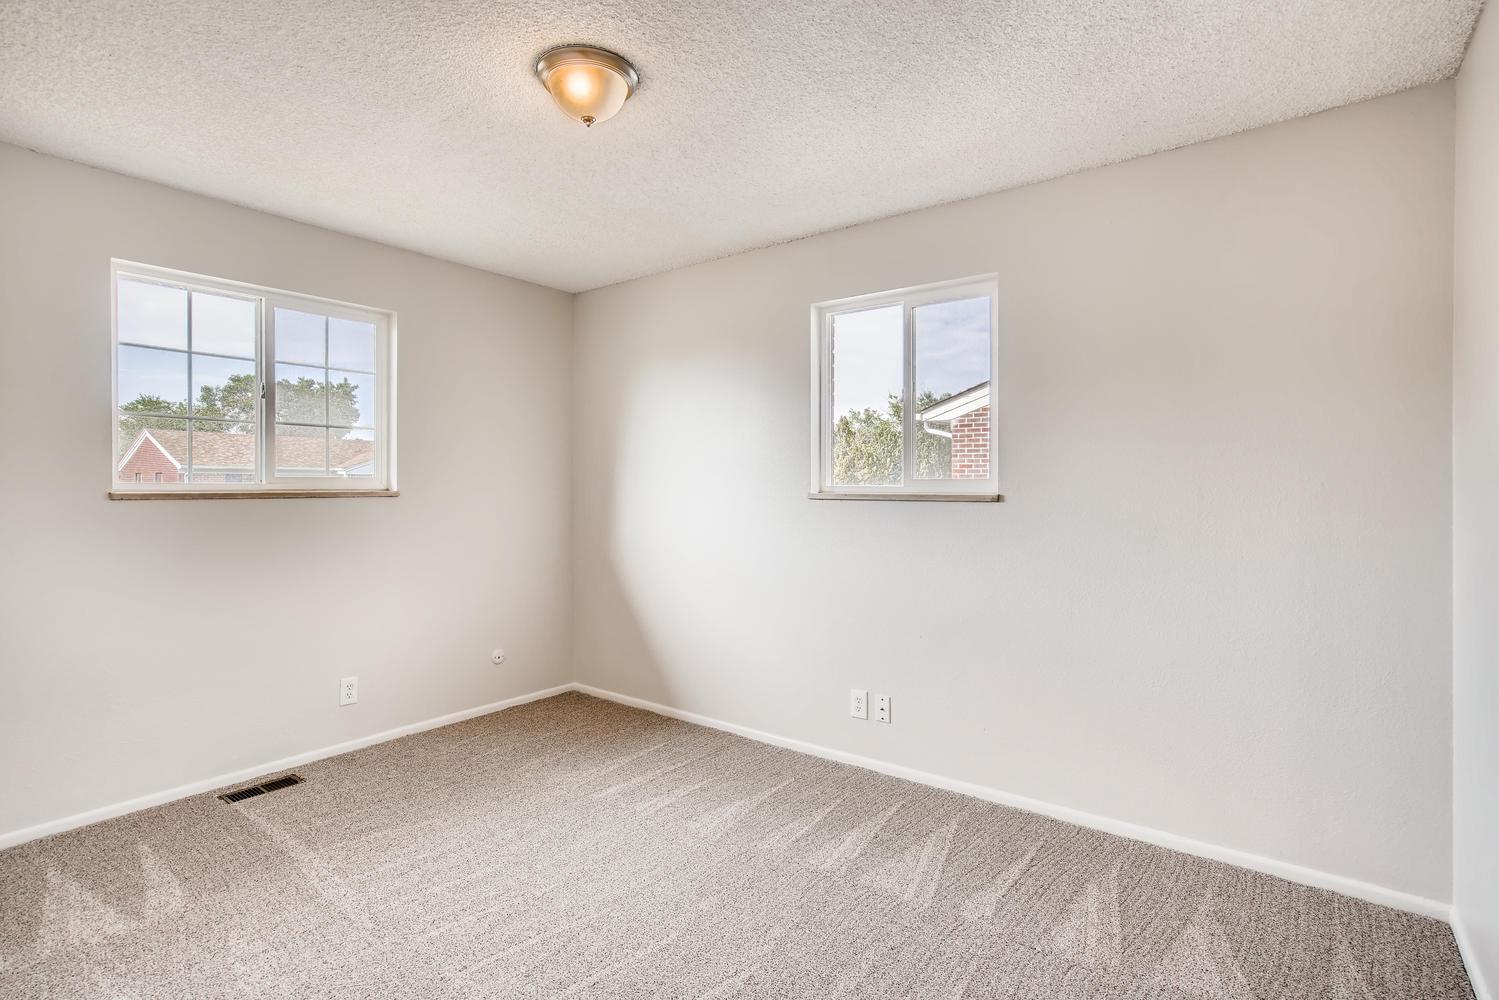 REAL ESTATE LISTING: 13040 Pensacola Place Denver Bedroom #2